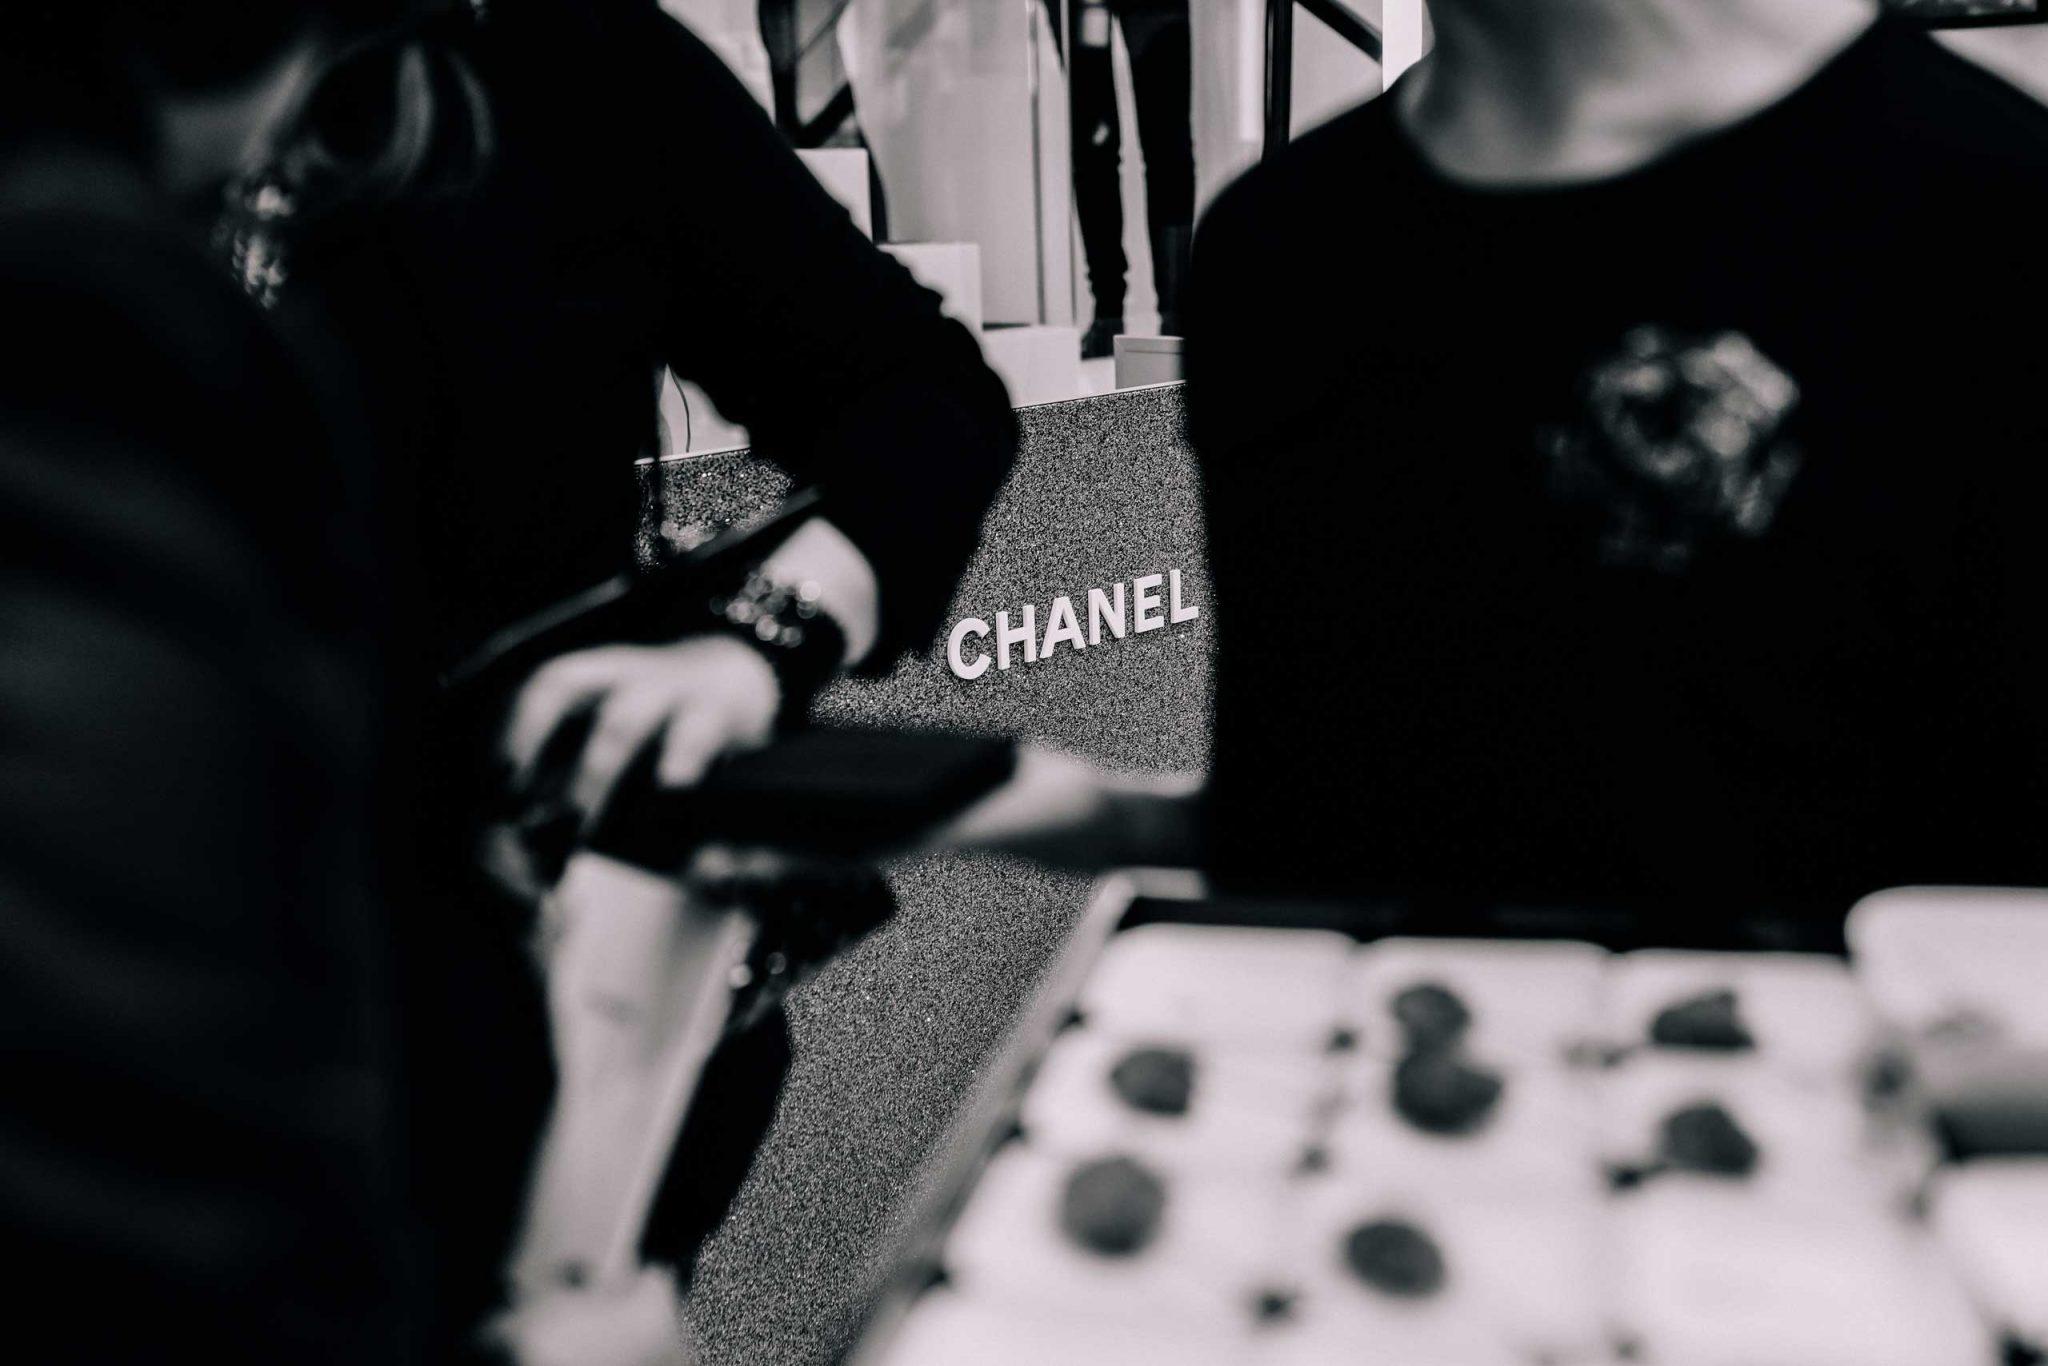 Chanel_Boutique_Cocktail_event_Ilsoo_van_Dijk_07122019-00915